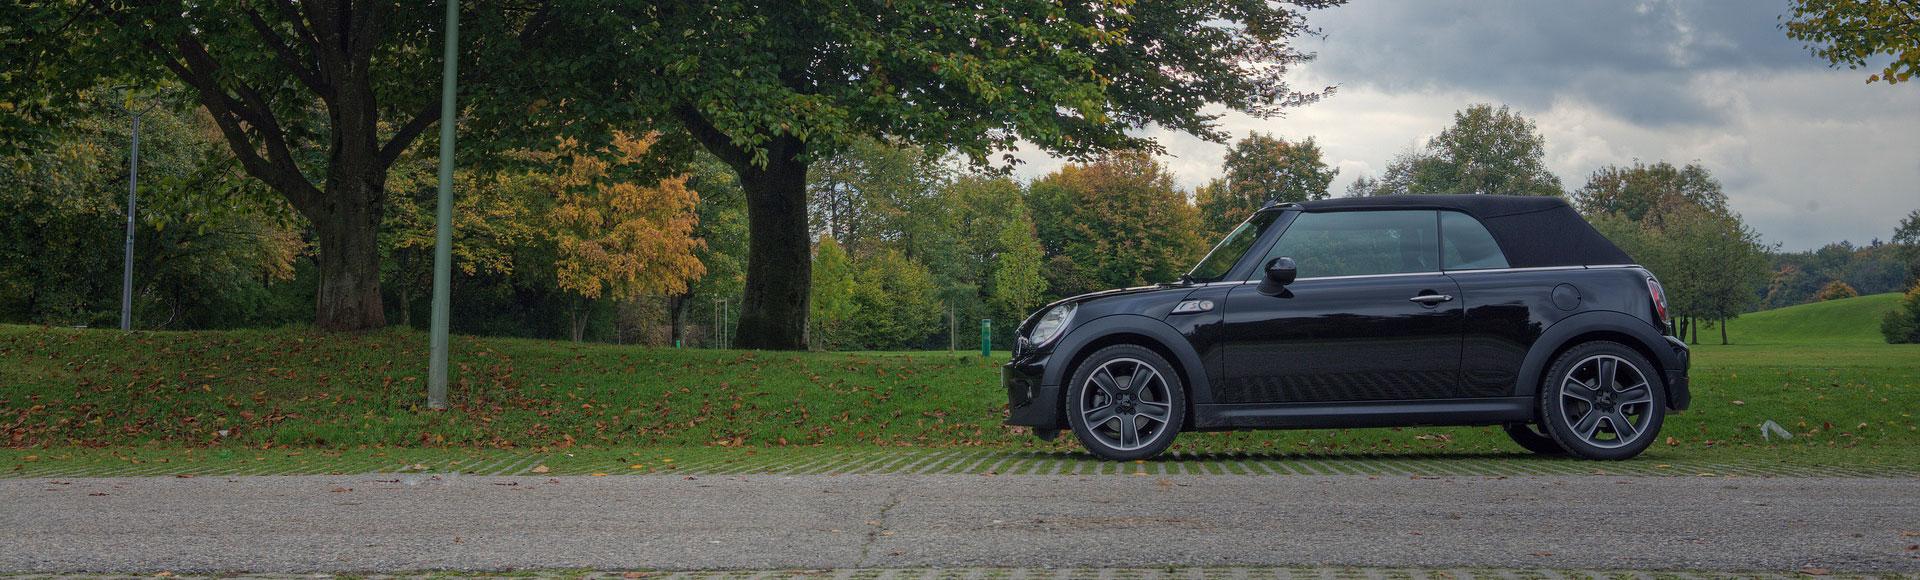 Mini Cooper Cabrio Herbst